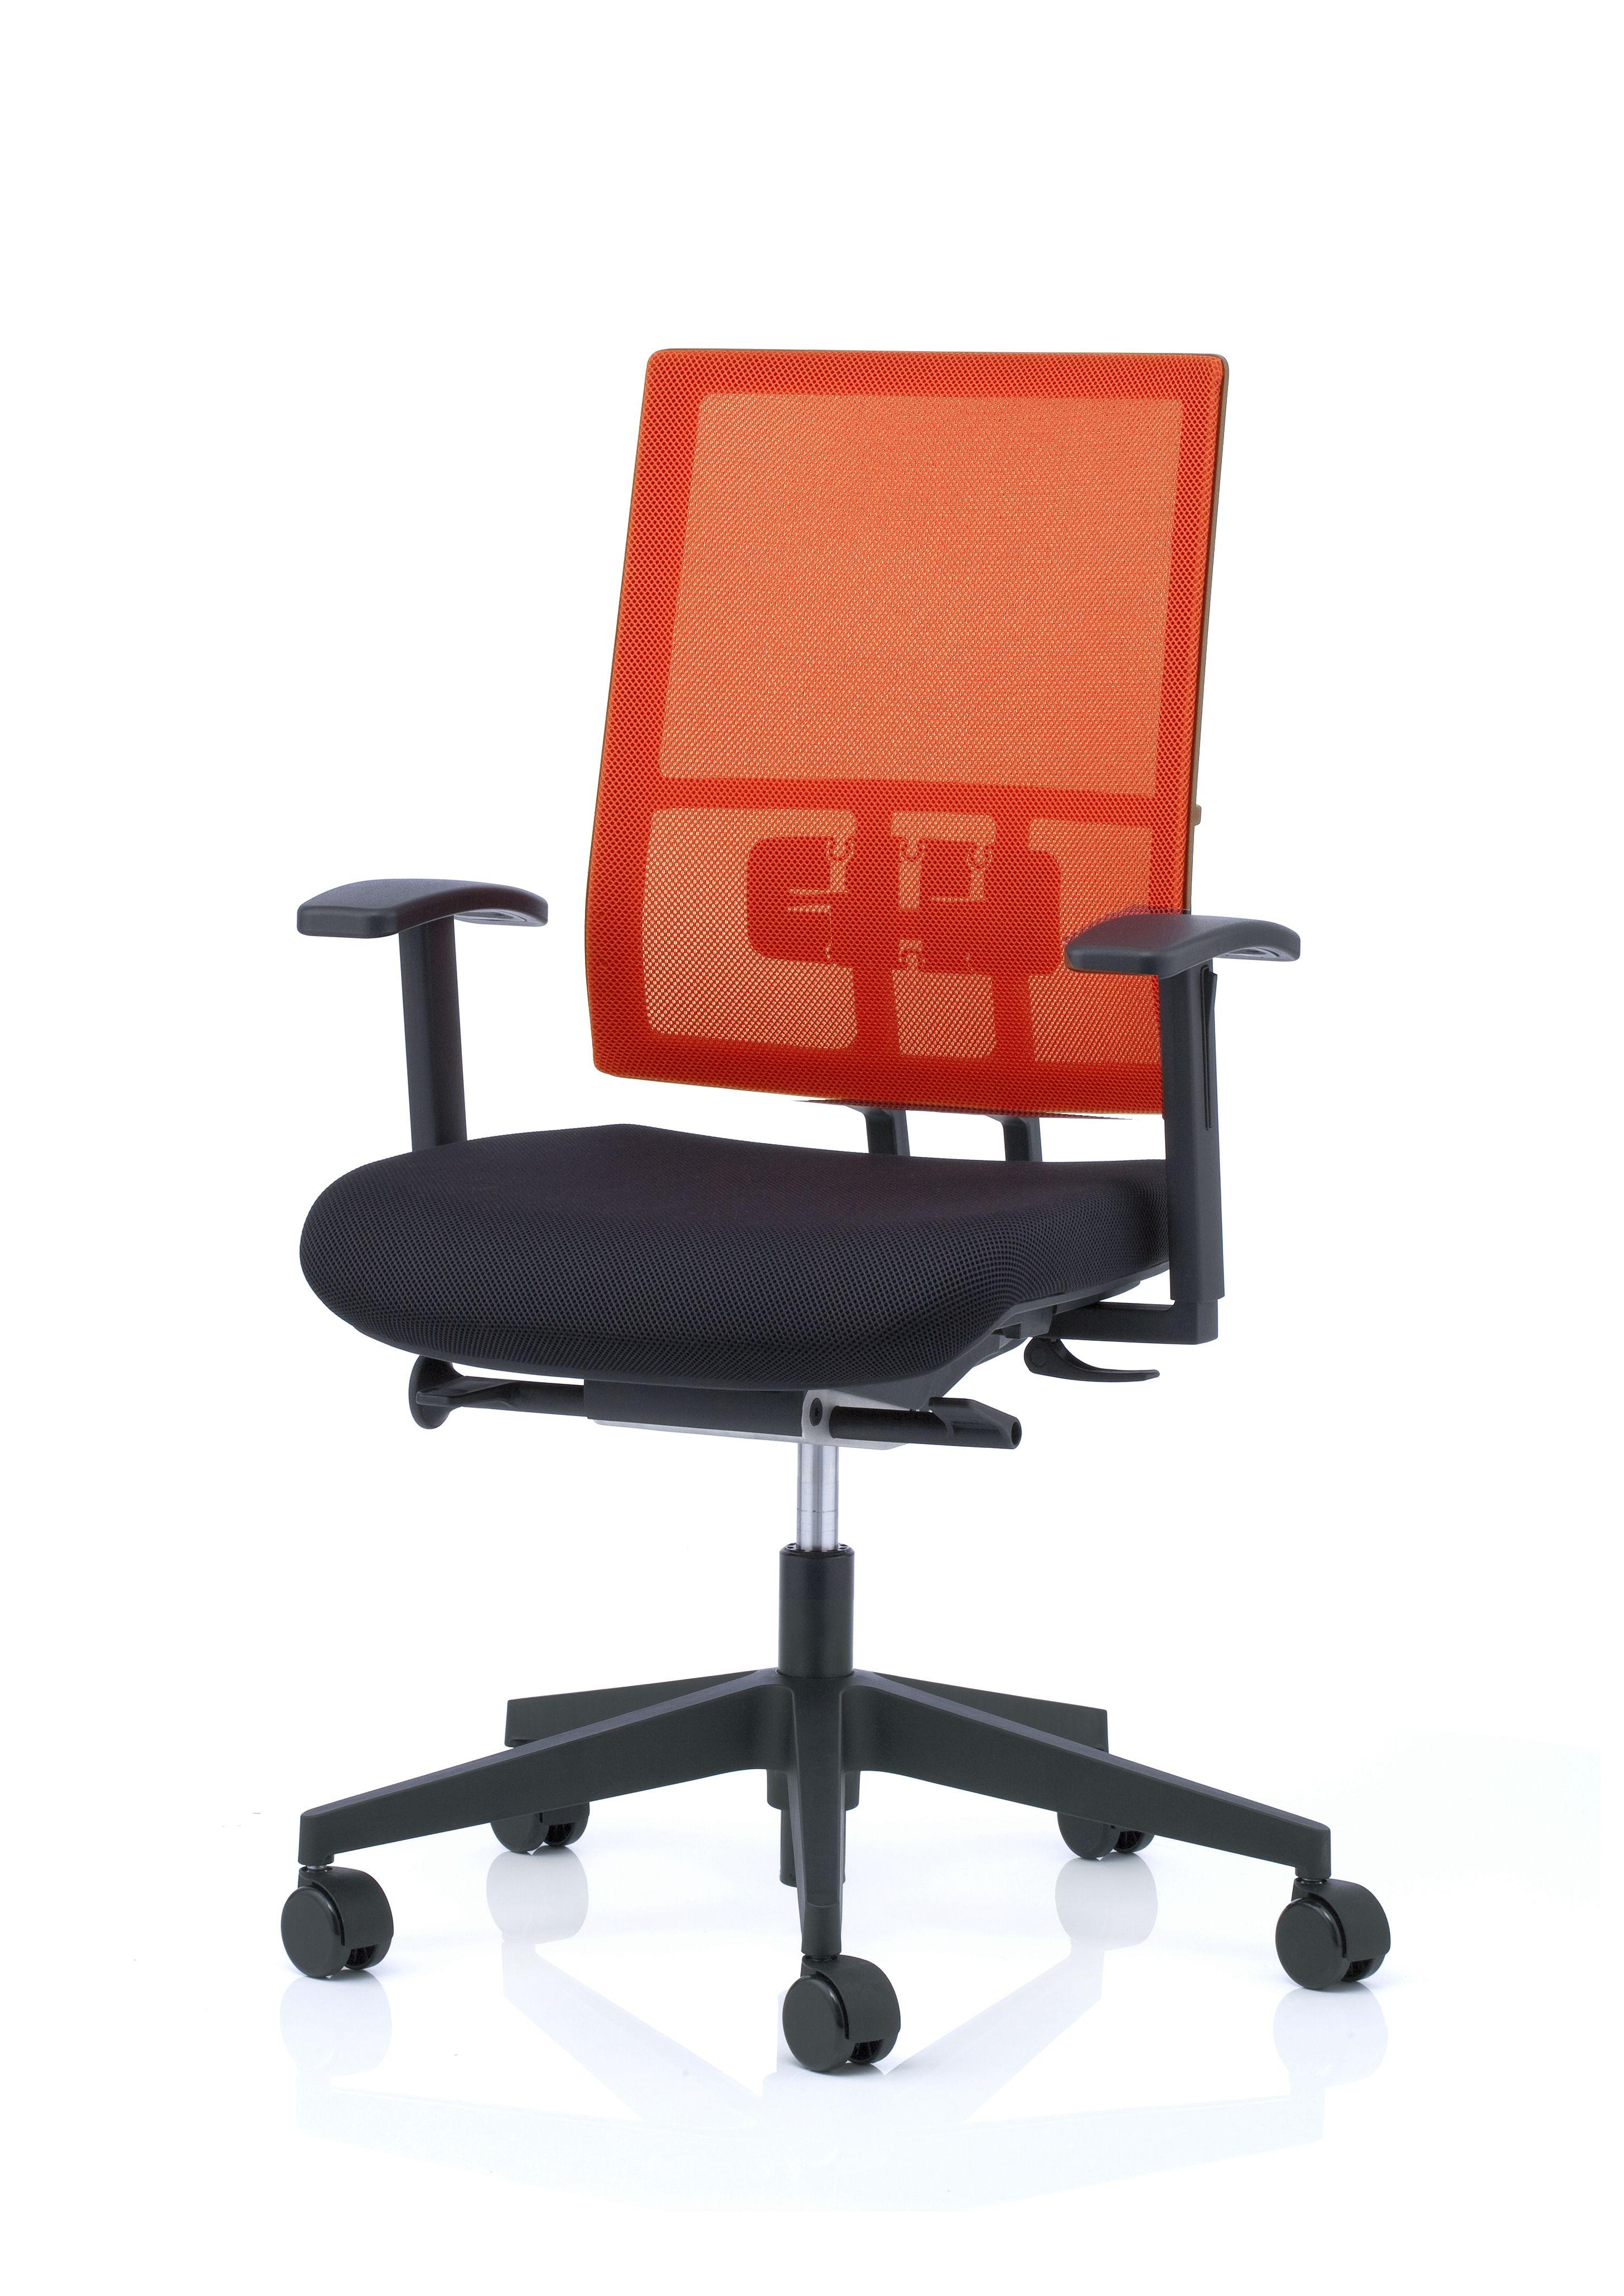 orange mesh back anteo task chair koehl kohl seating uk anteo